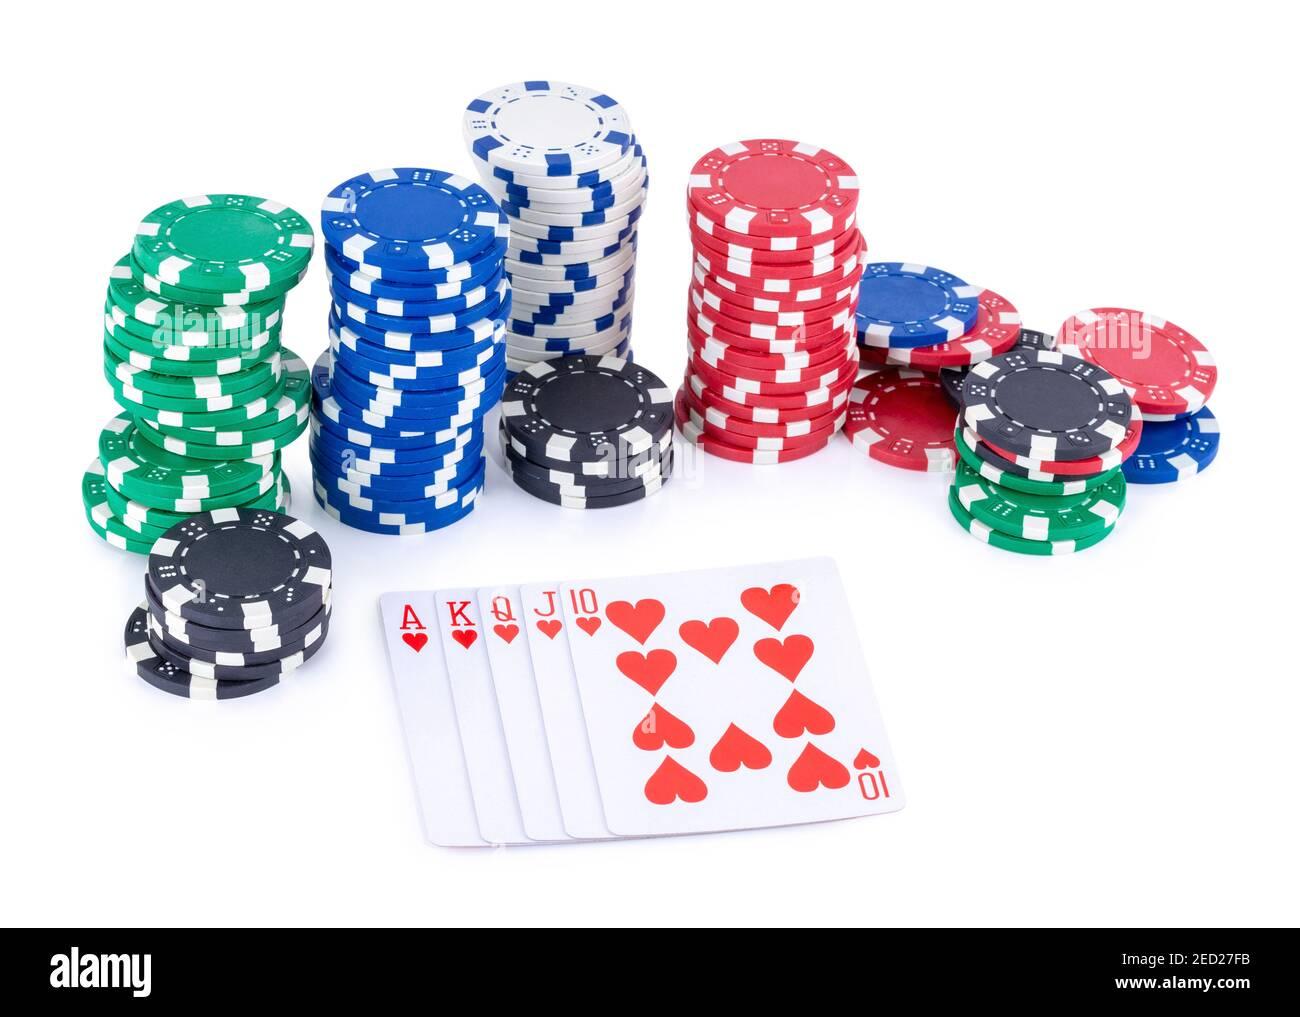 Hand poker höchste beim Texas Holdem